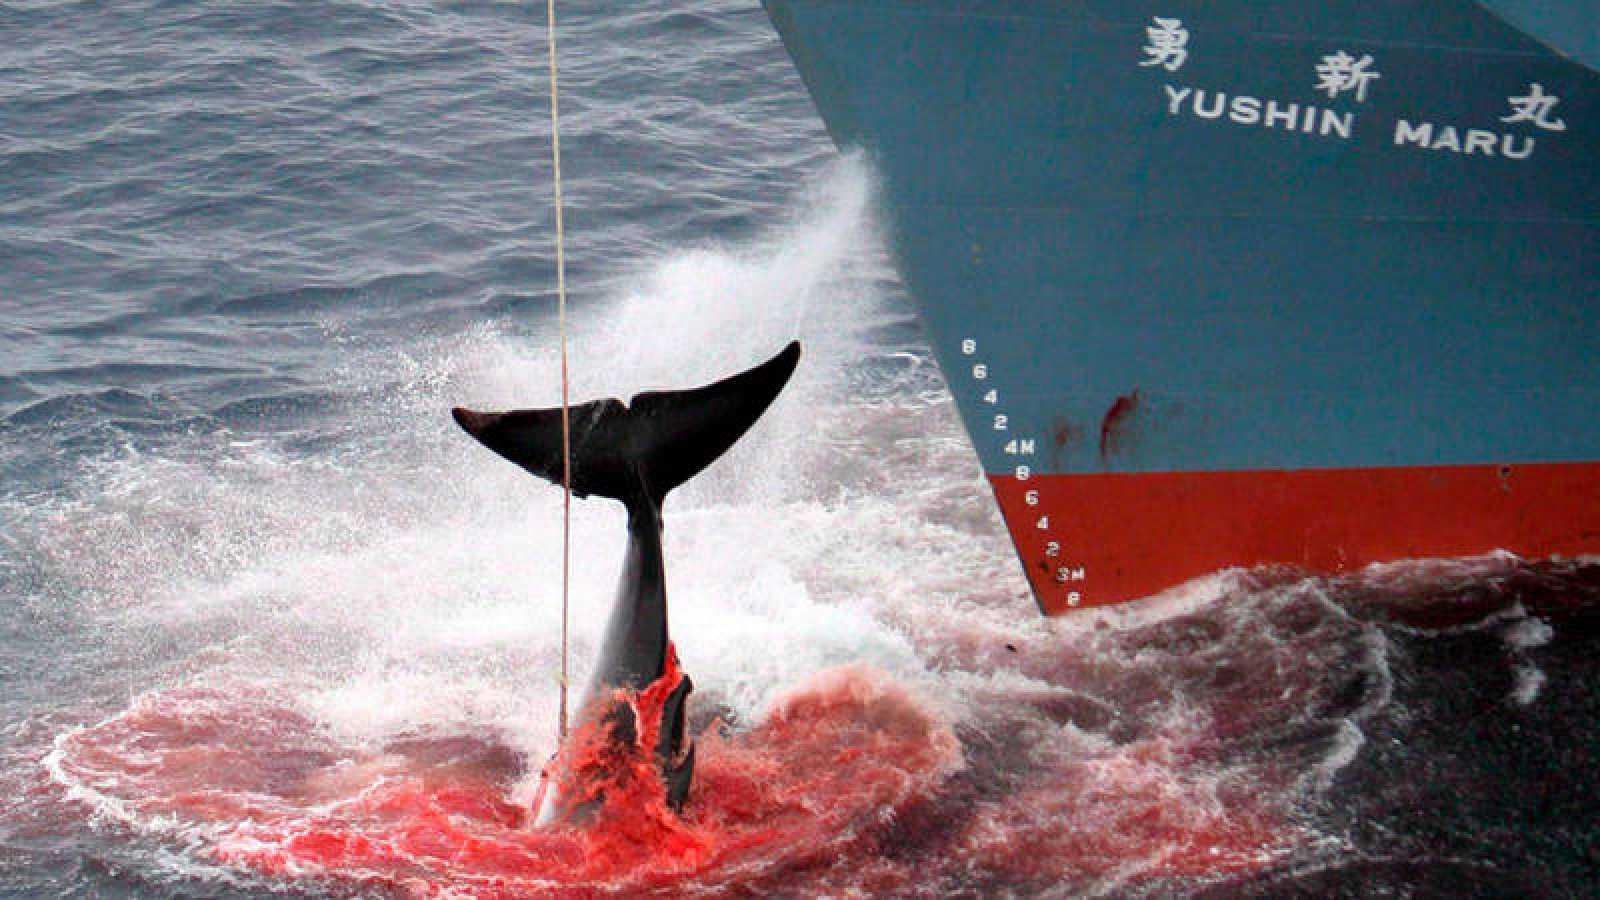 Japón reanuda su caza de ballenas en la Antártida pese a la oposición internacional